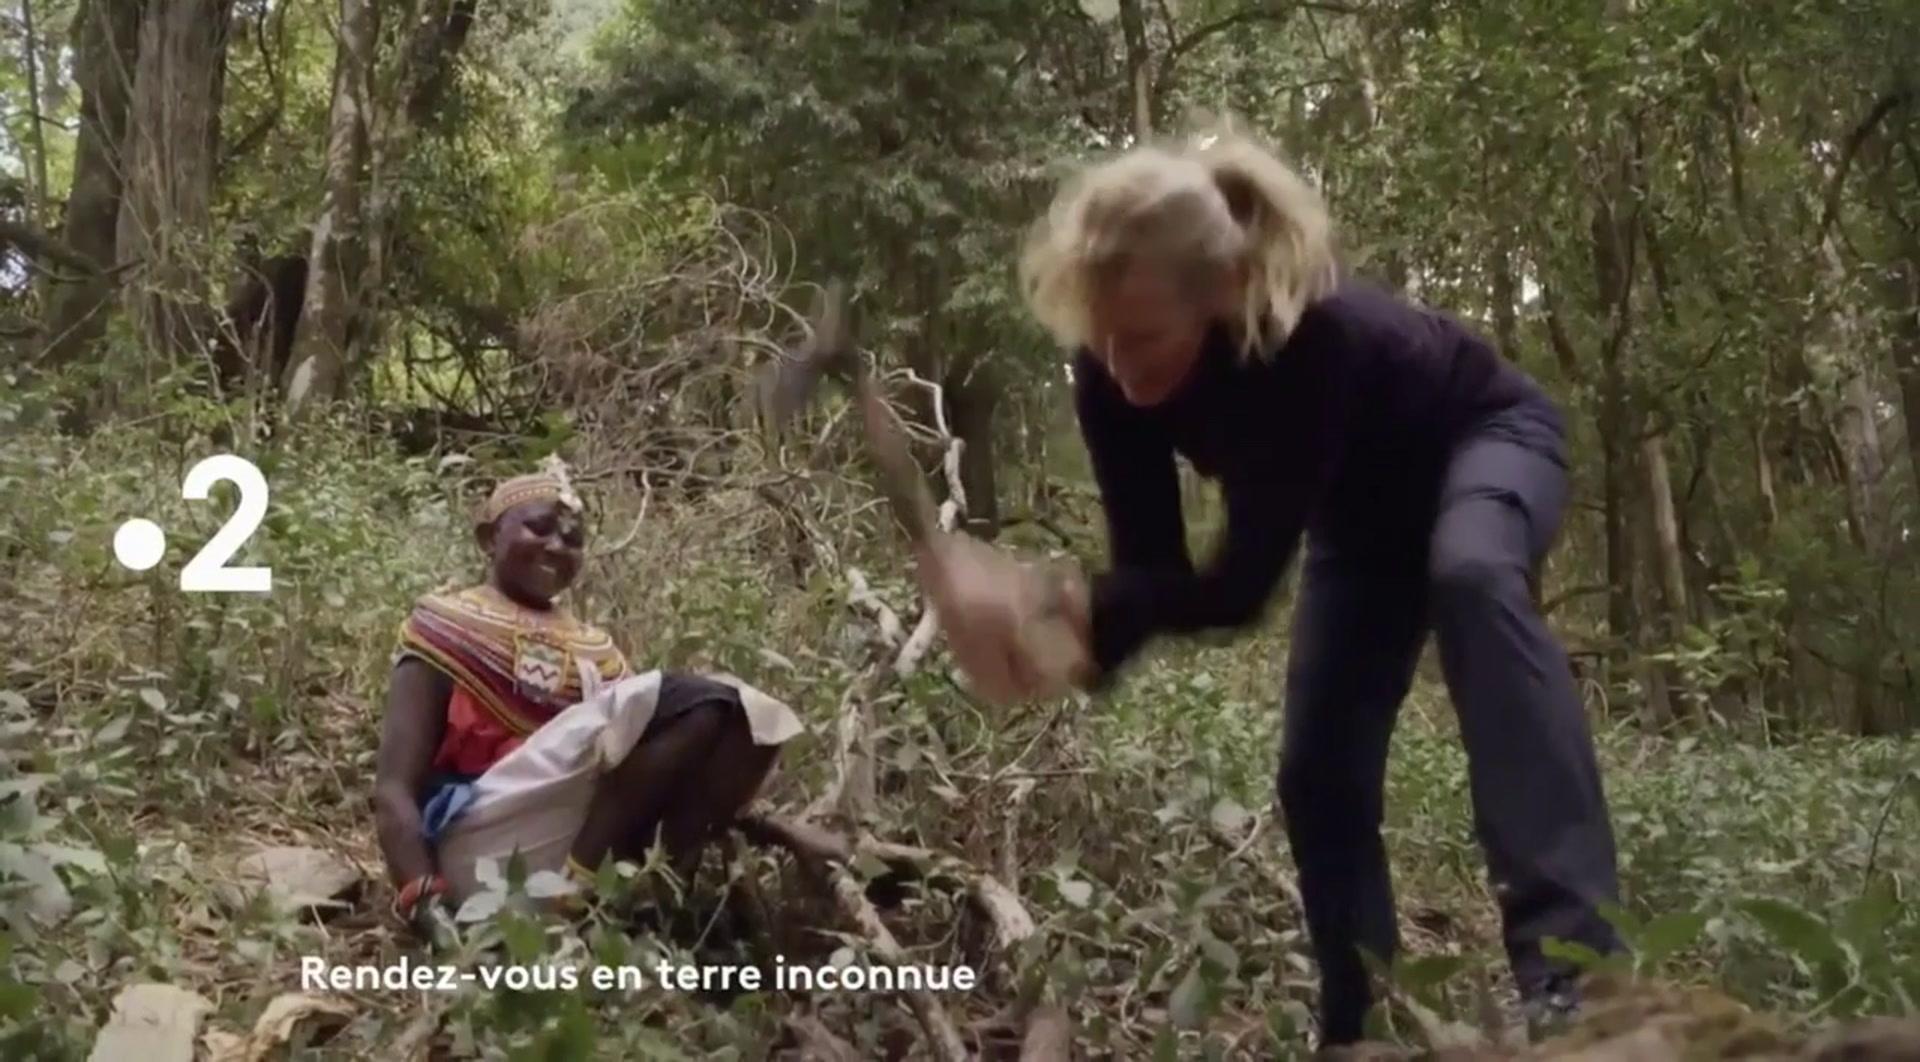 Rendez-vous en terre inconnue : Estelle Lefébure chez les Samburu